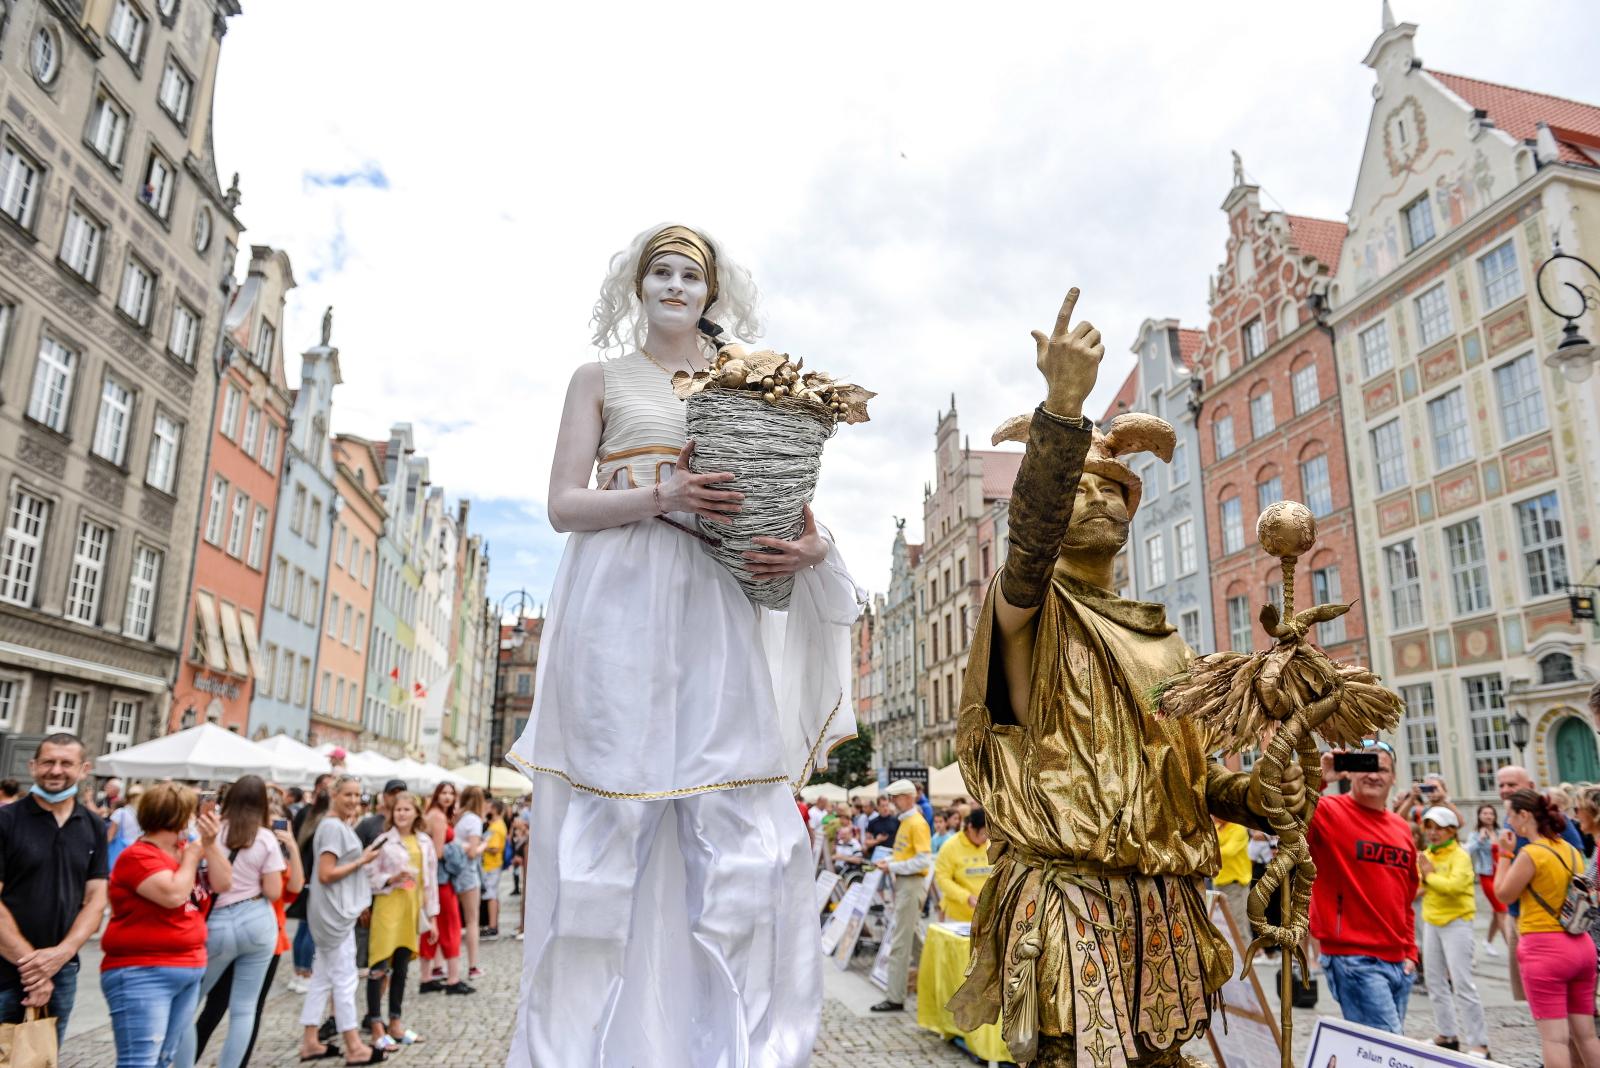 В Гданьске началась 760-я Ярмарка святого Доминика